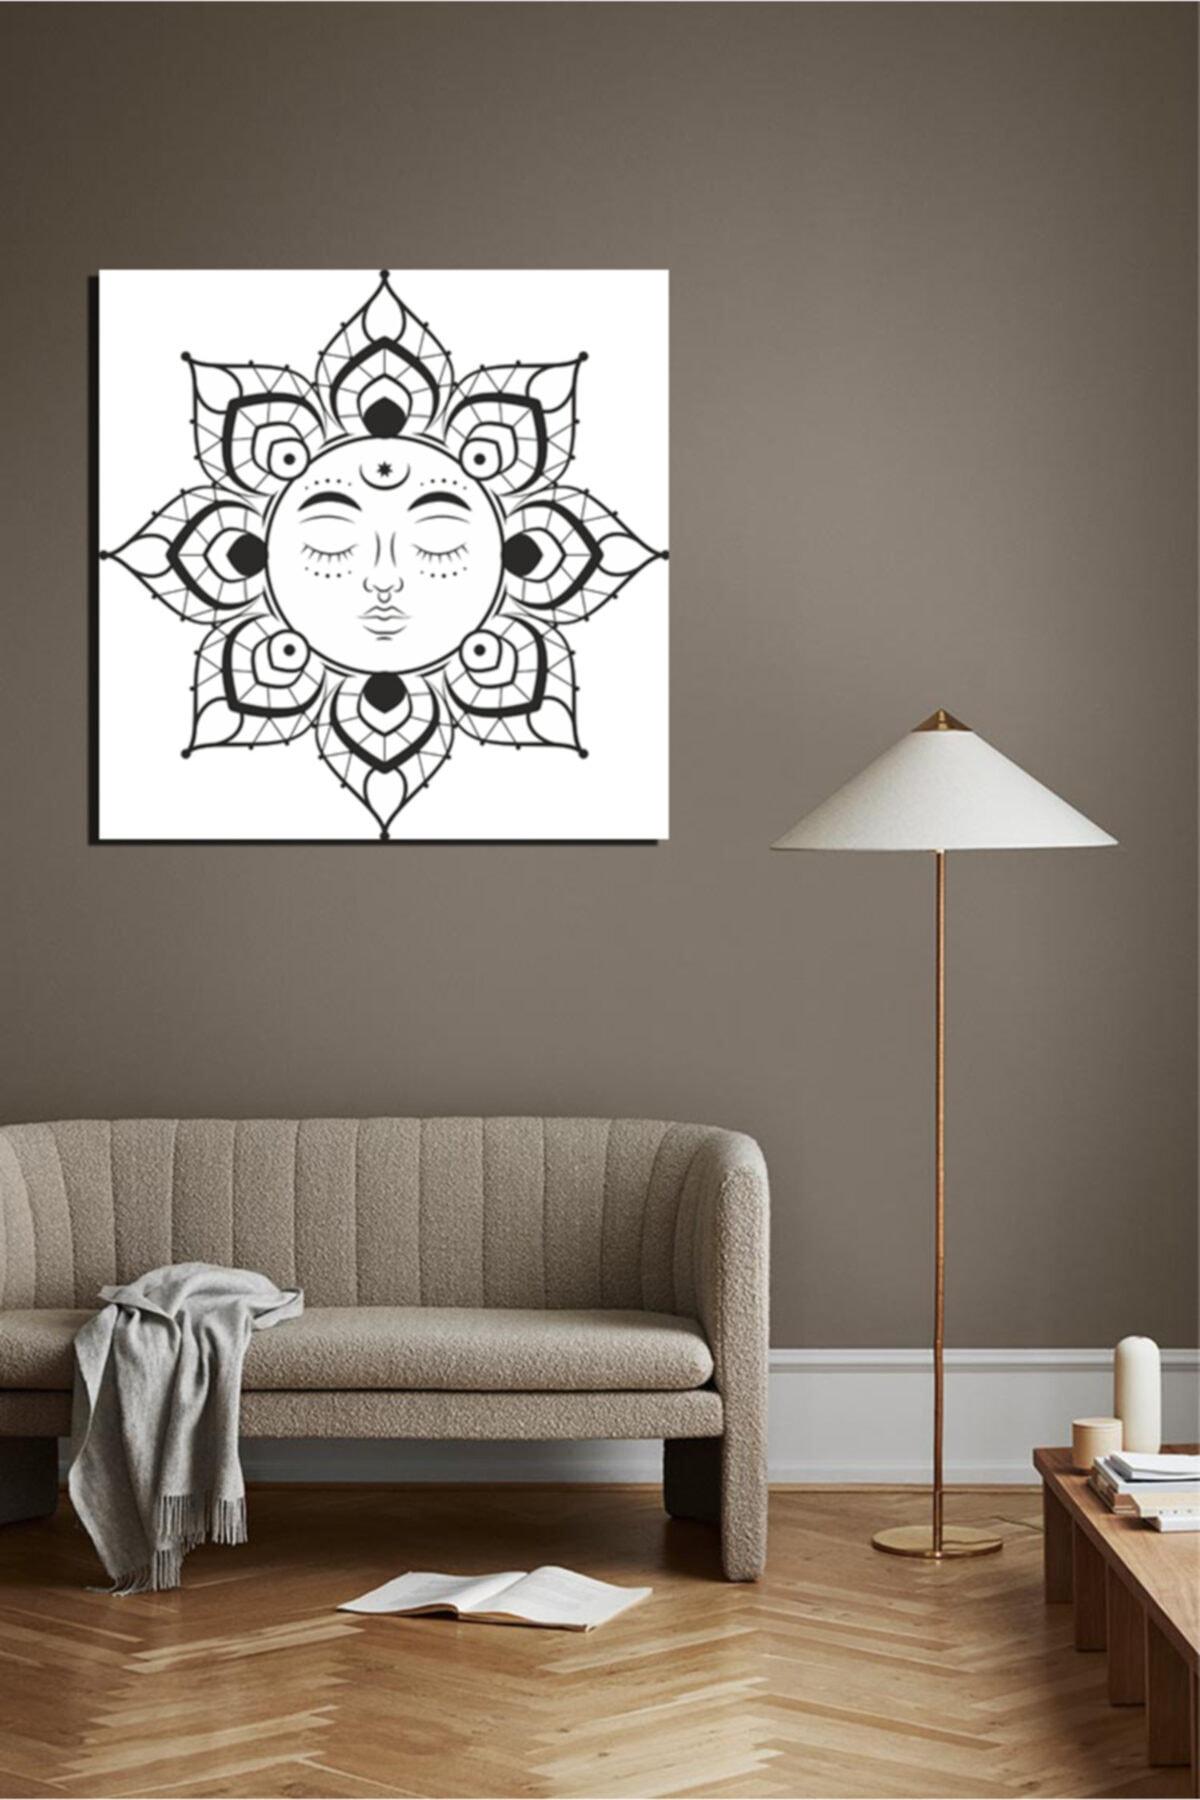 Sepet Yıldızı Dekoratif Kanvas Tablo Çizim 2